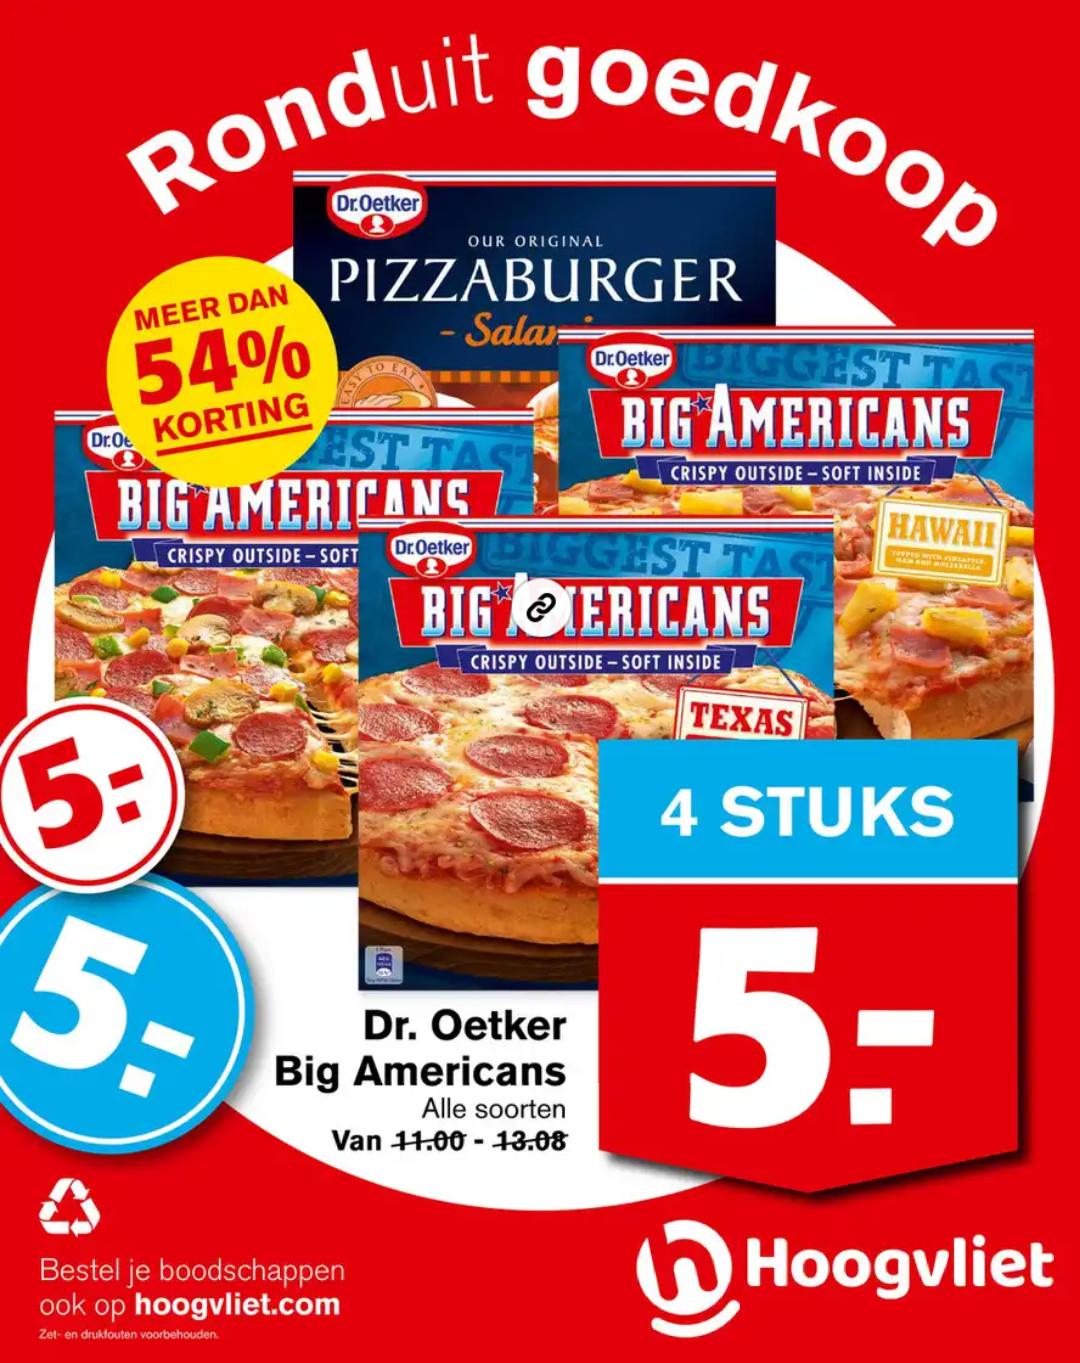 4 Dr. Oetker Big Americans pizza €5,-